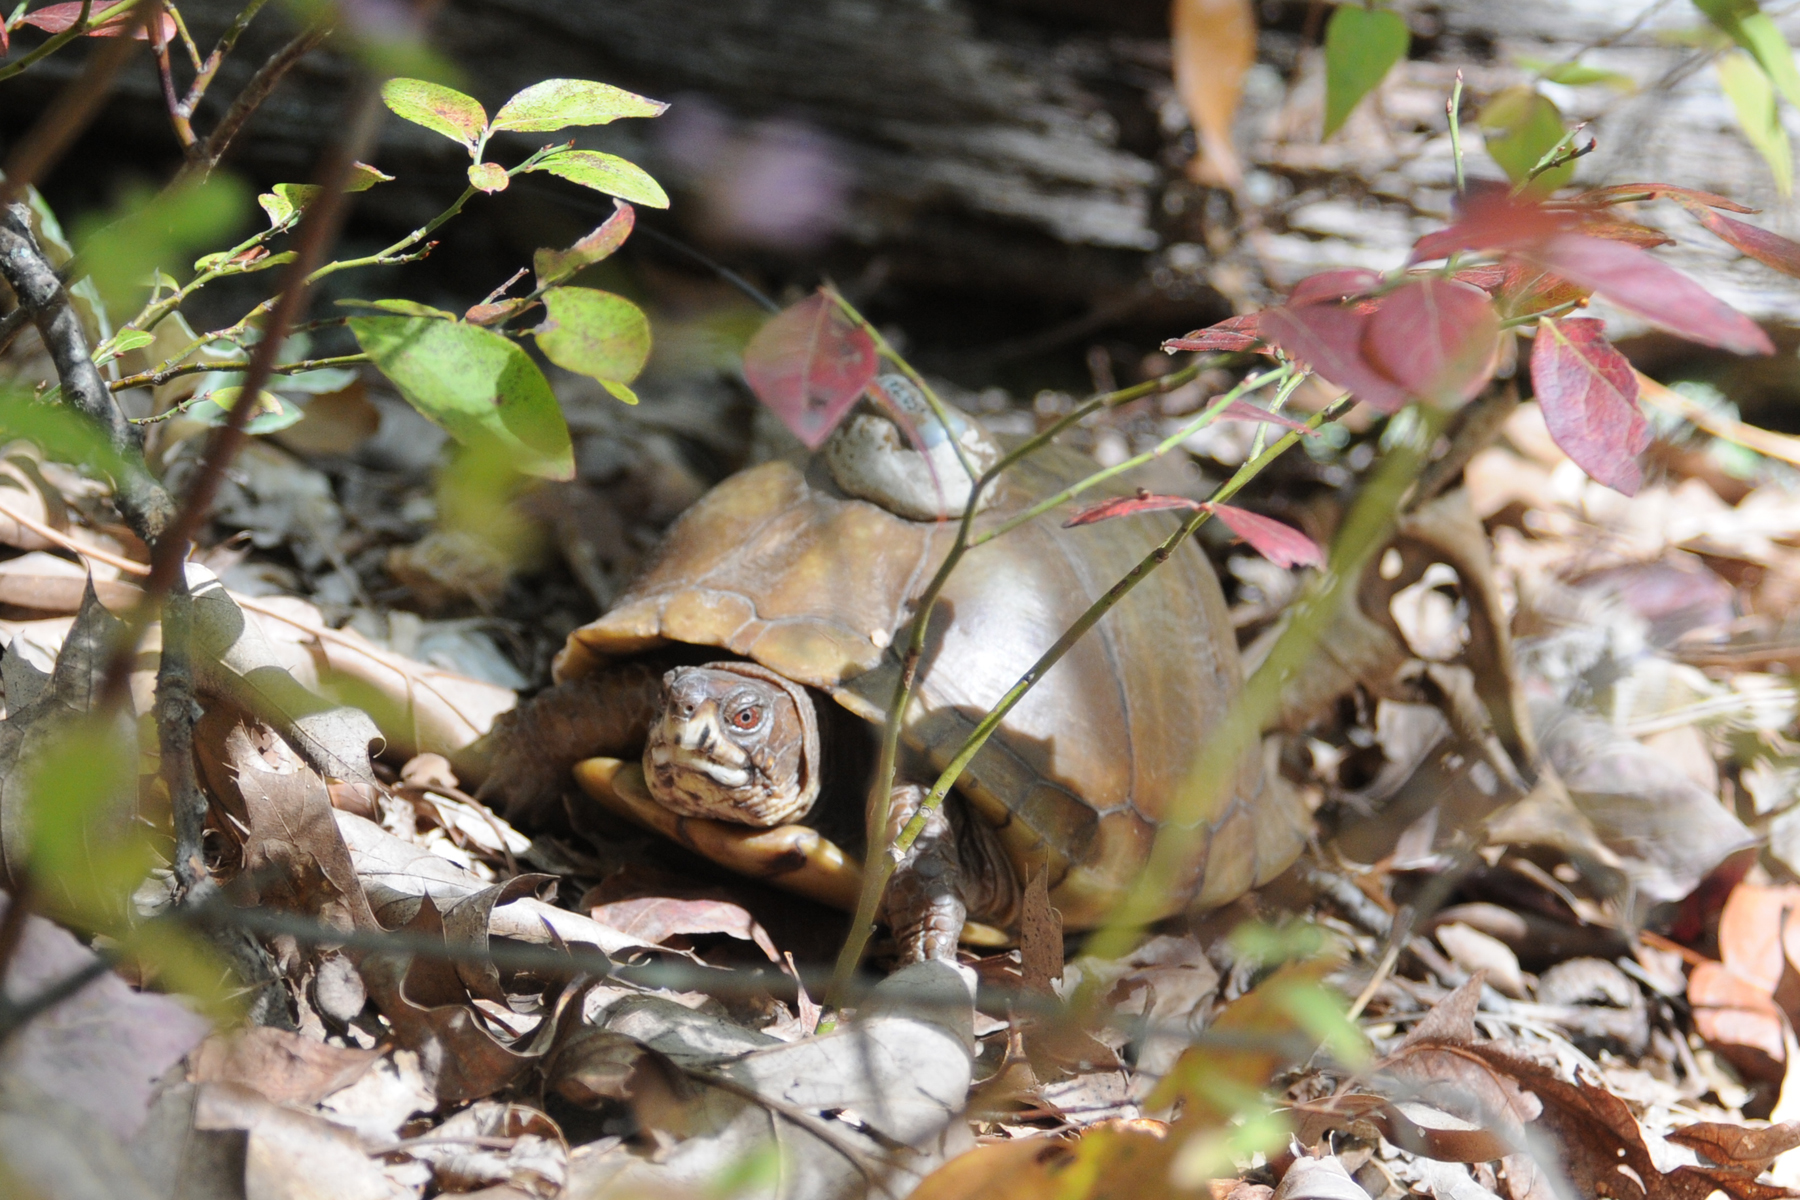 turtle in veg.jpg